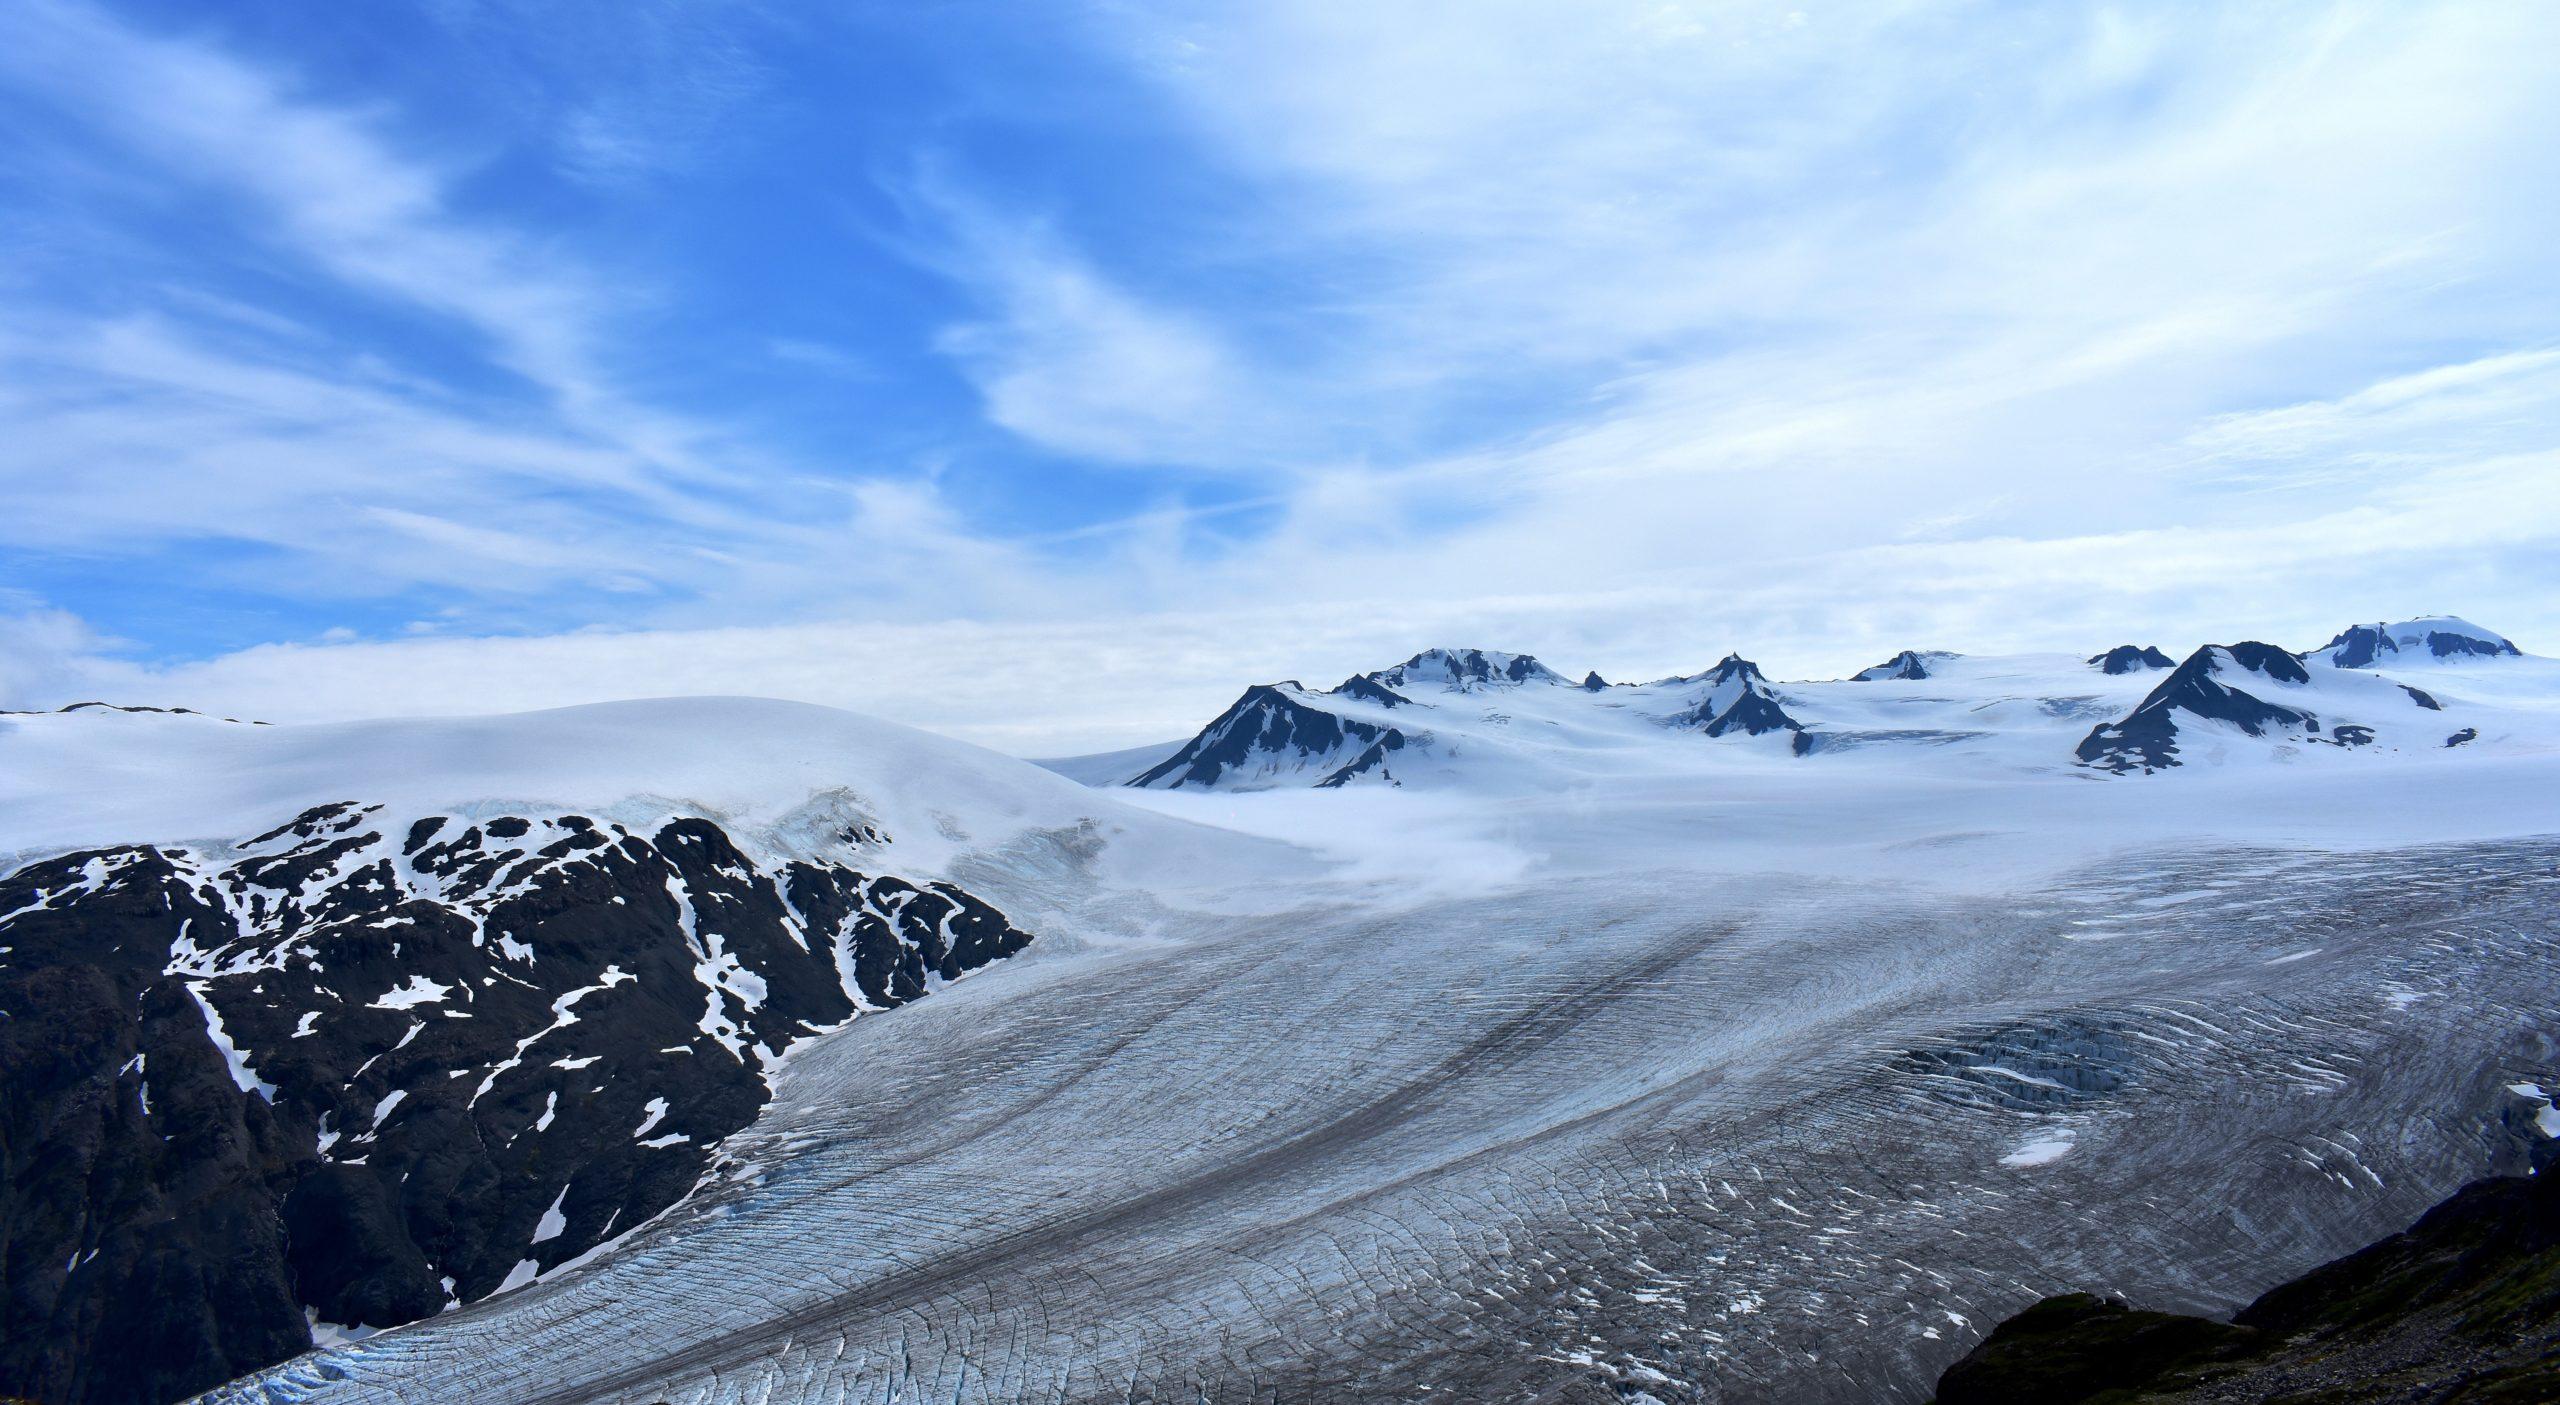 ألاسكا ، سبعة أنهار جليدية يمكنك المشي عليها